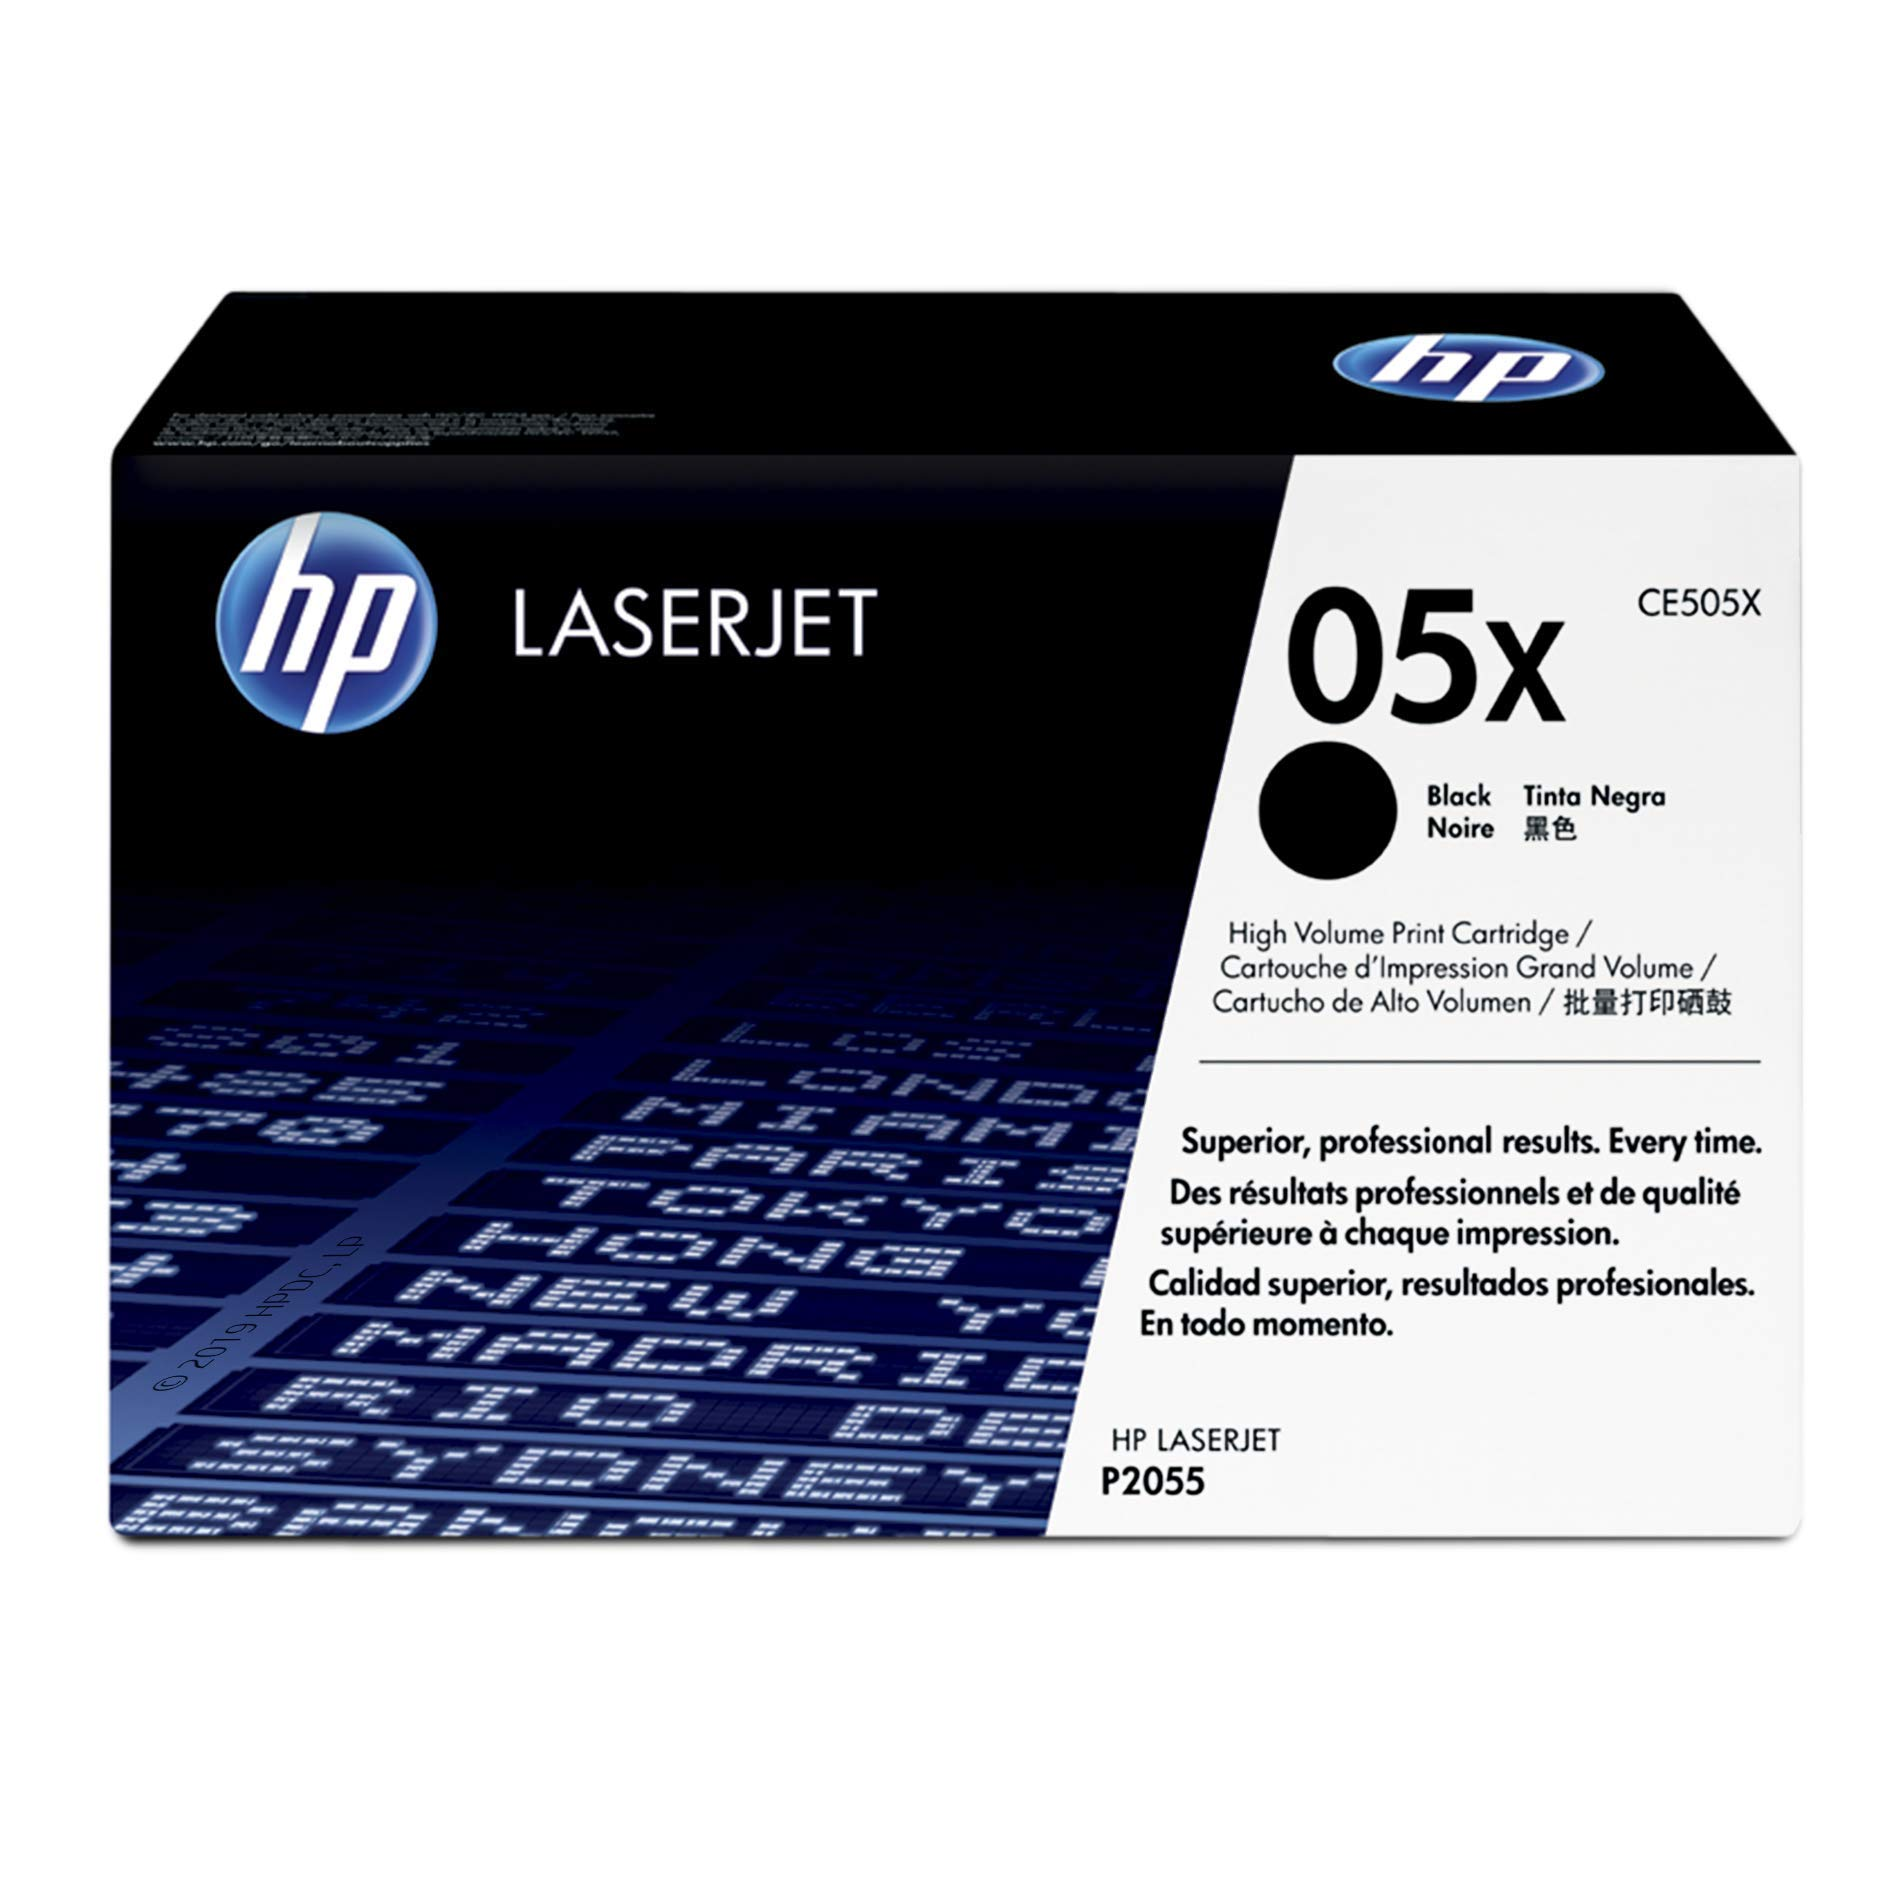 Toner Original HP 05X CE505X Black Alta Capacidad